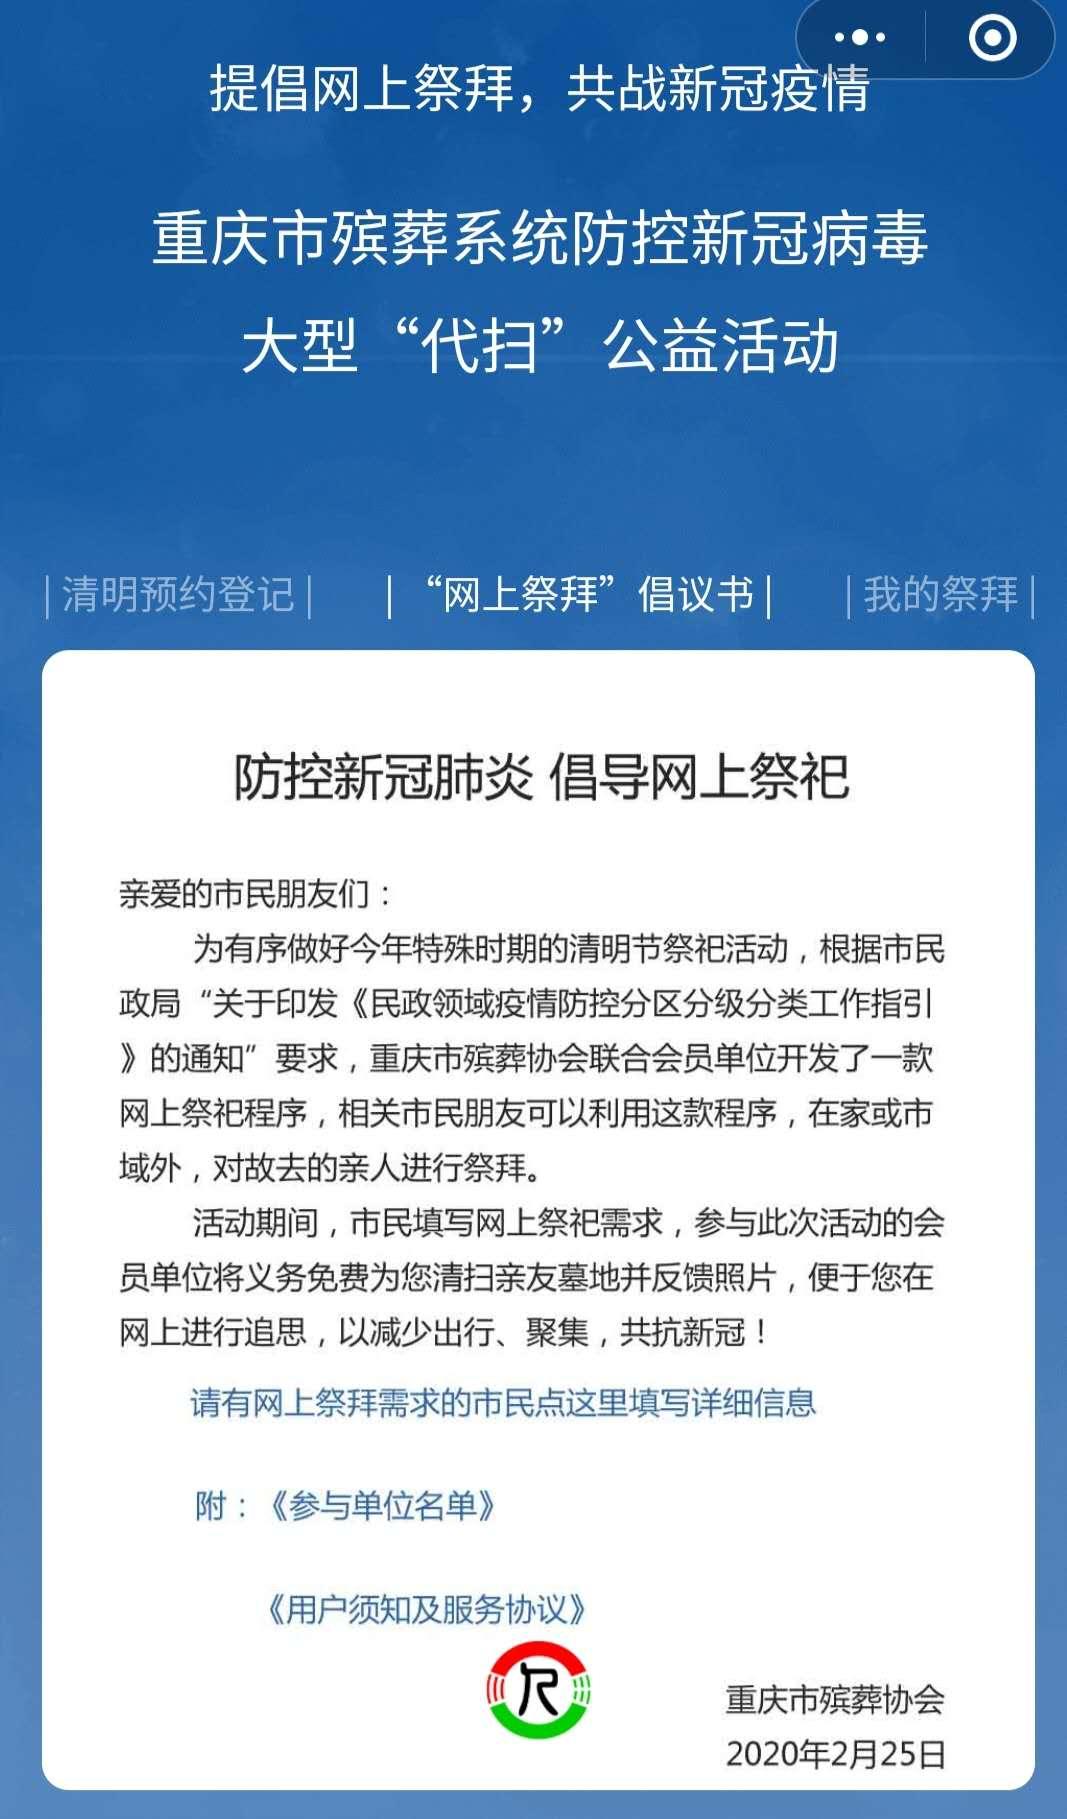 放心抗疫复工!重庆殡葬协会联合19家公墓(陵园)为您免费代扫 第2张